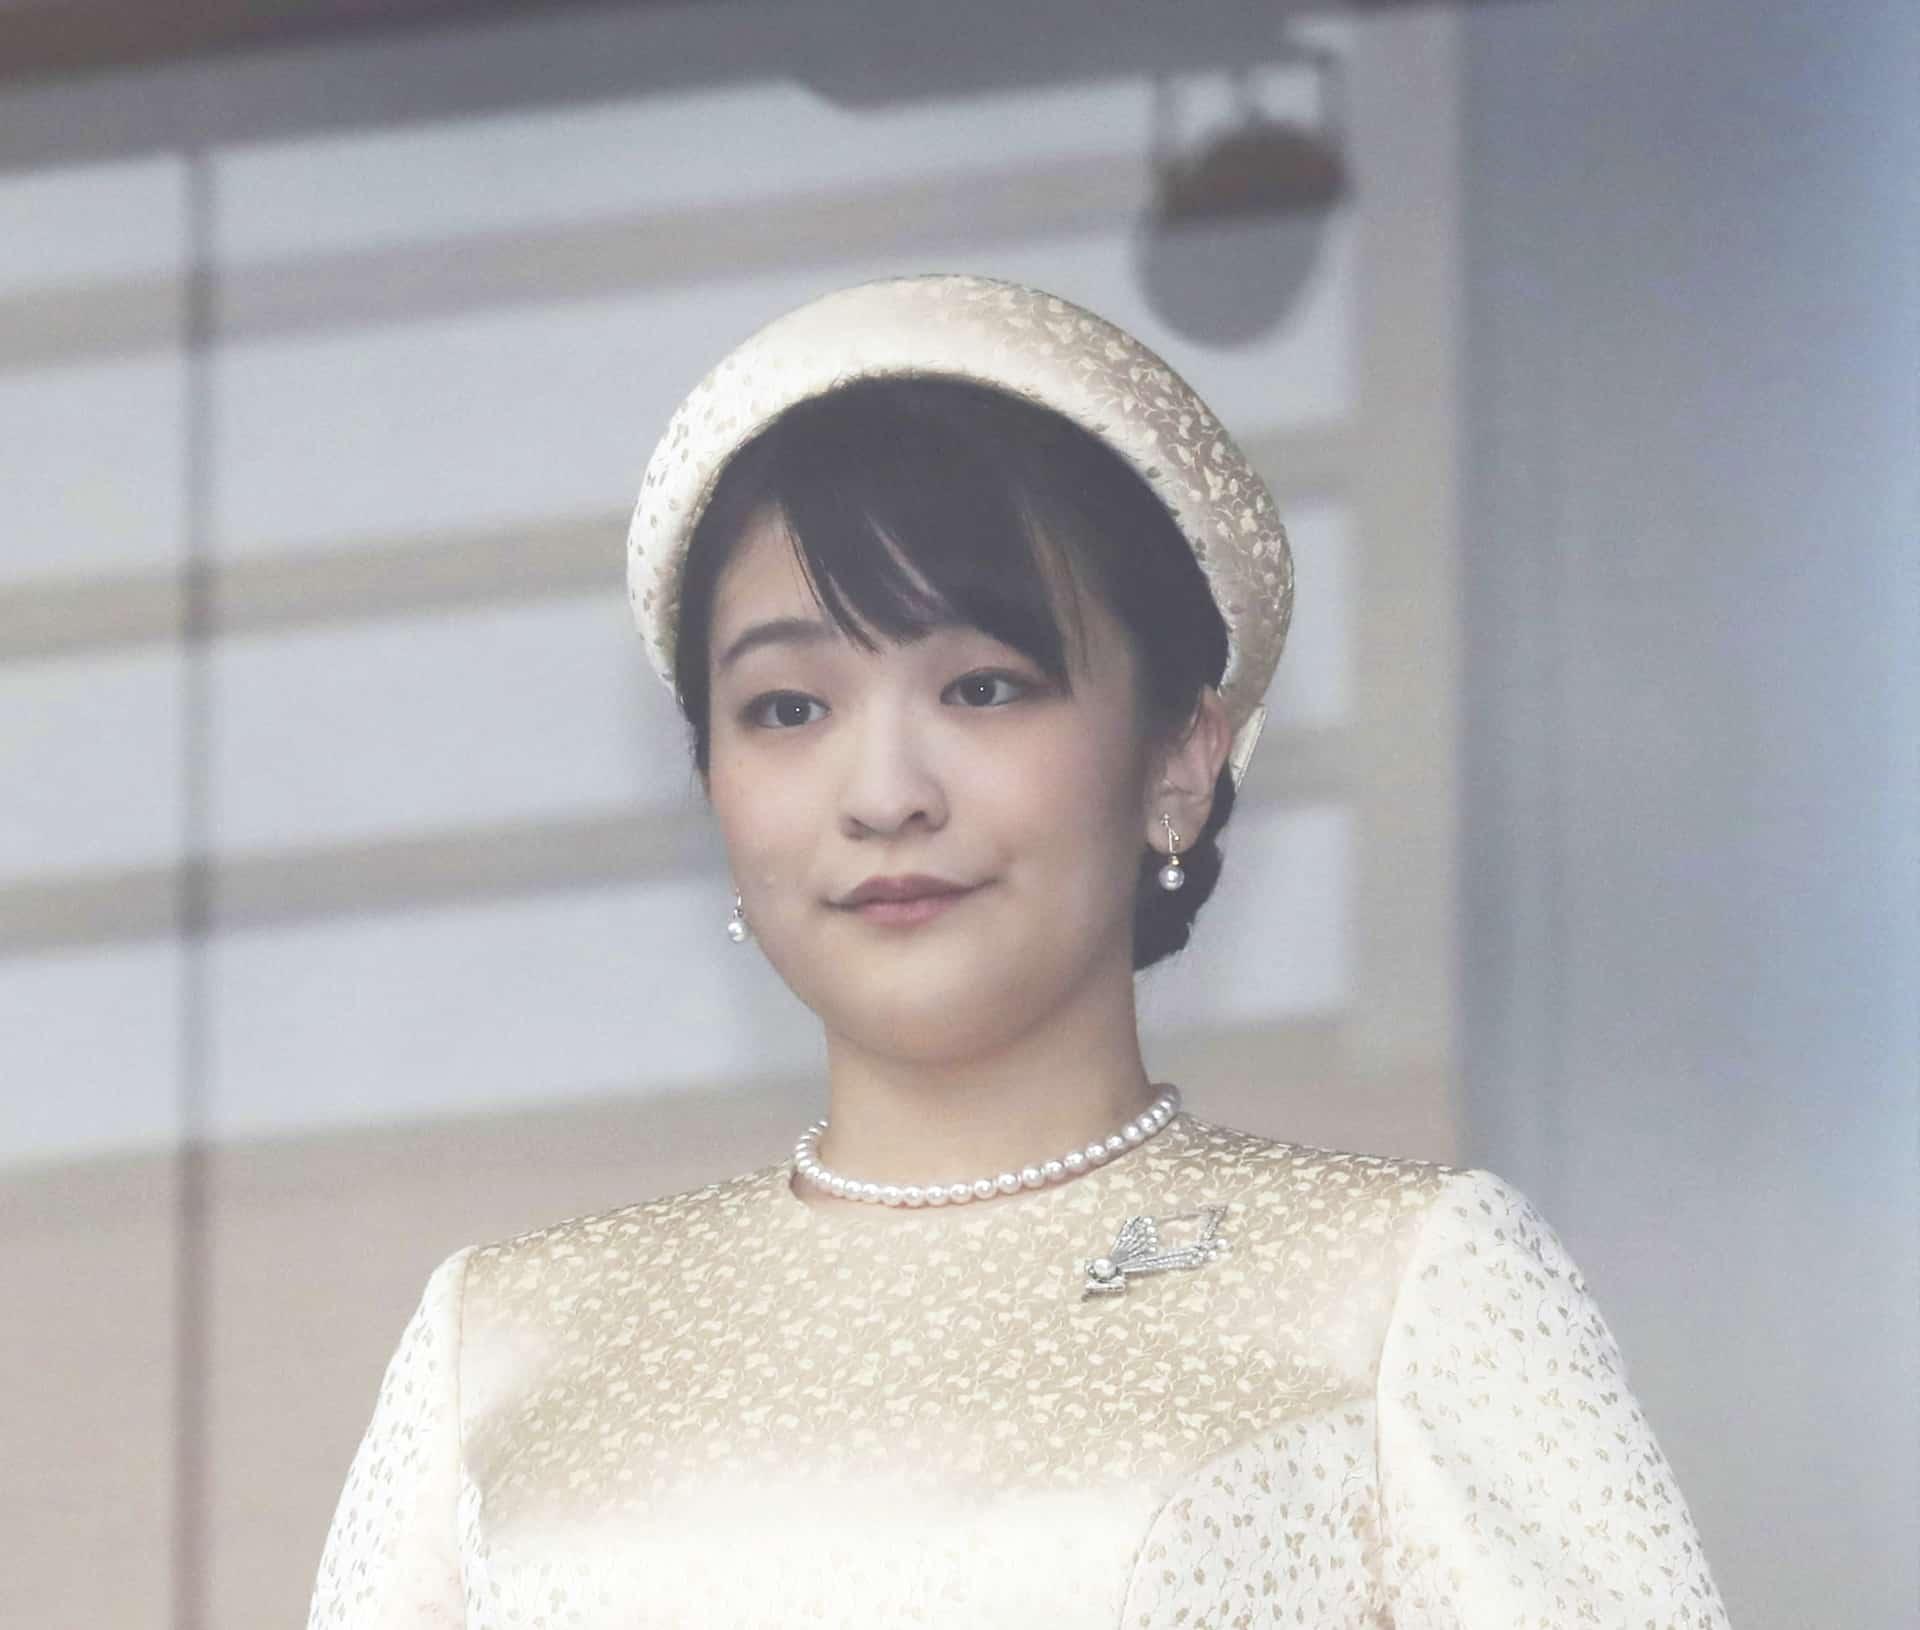 Prinzessin Mako: Regierung akzeptiert ihren Wunsch